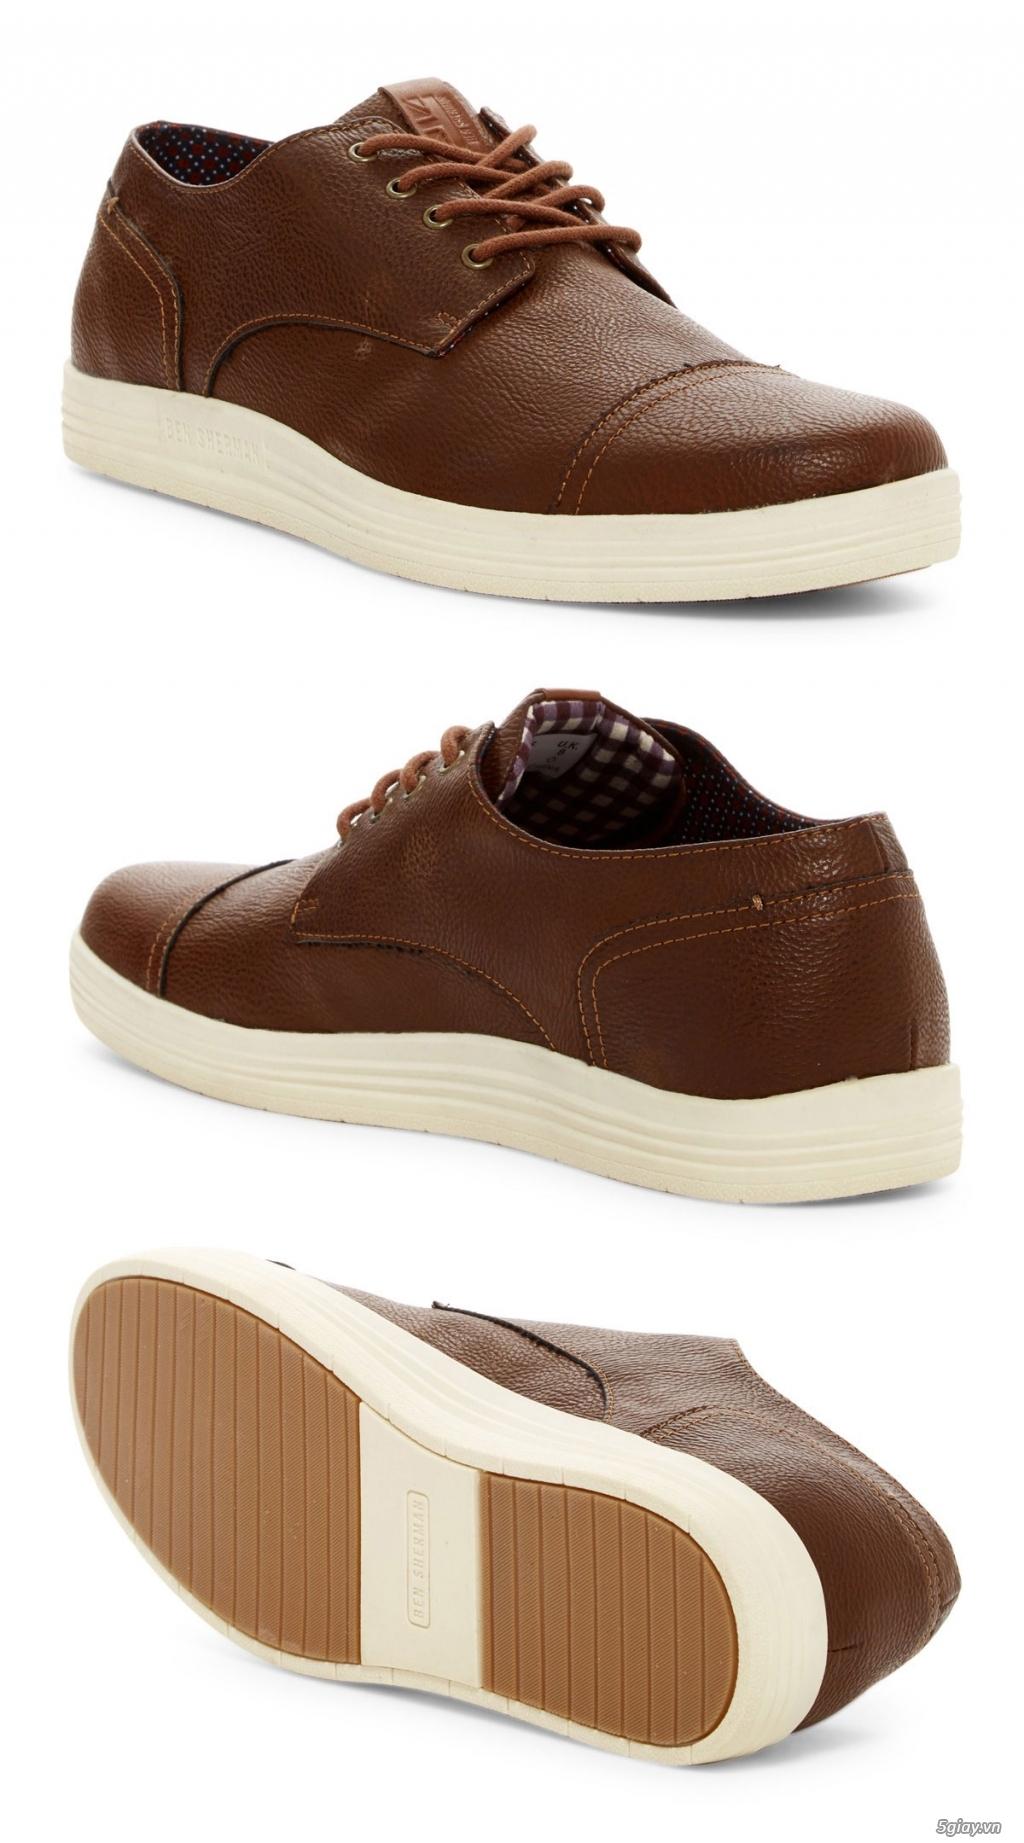 Giày dép hàng hiệu - xách tay 100% từ mỹ - 9